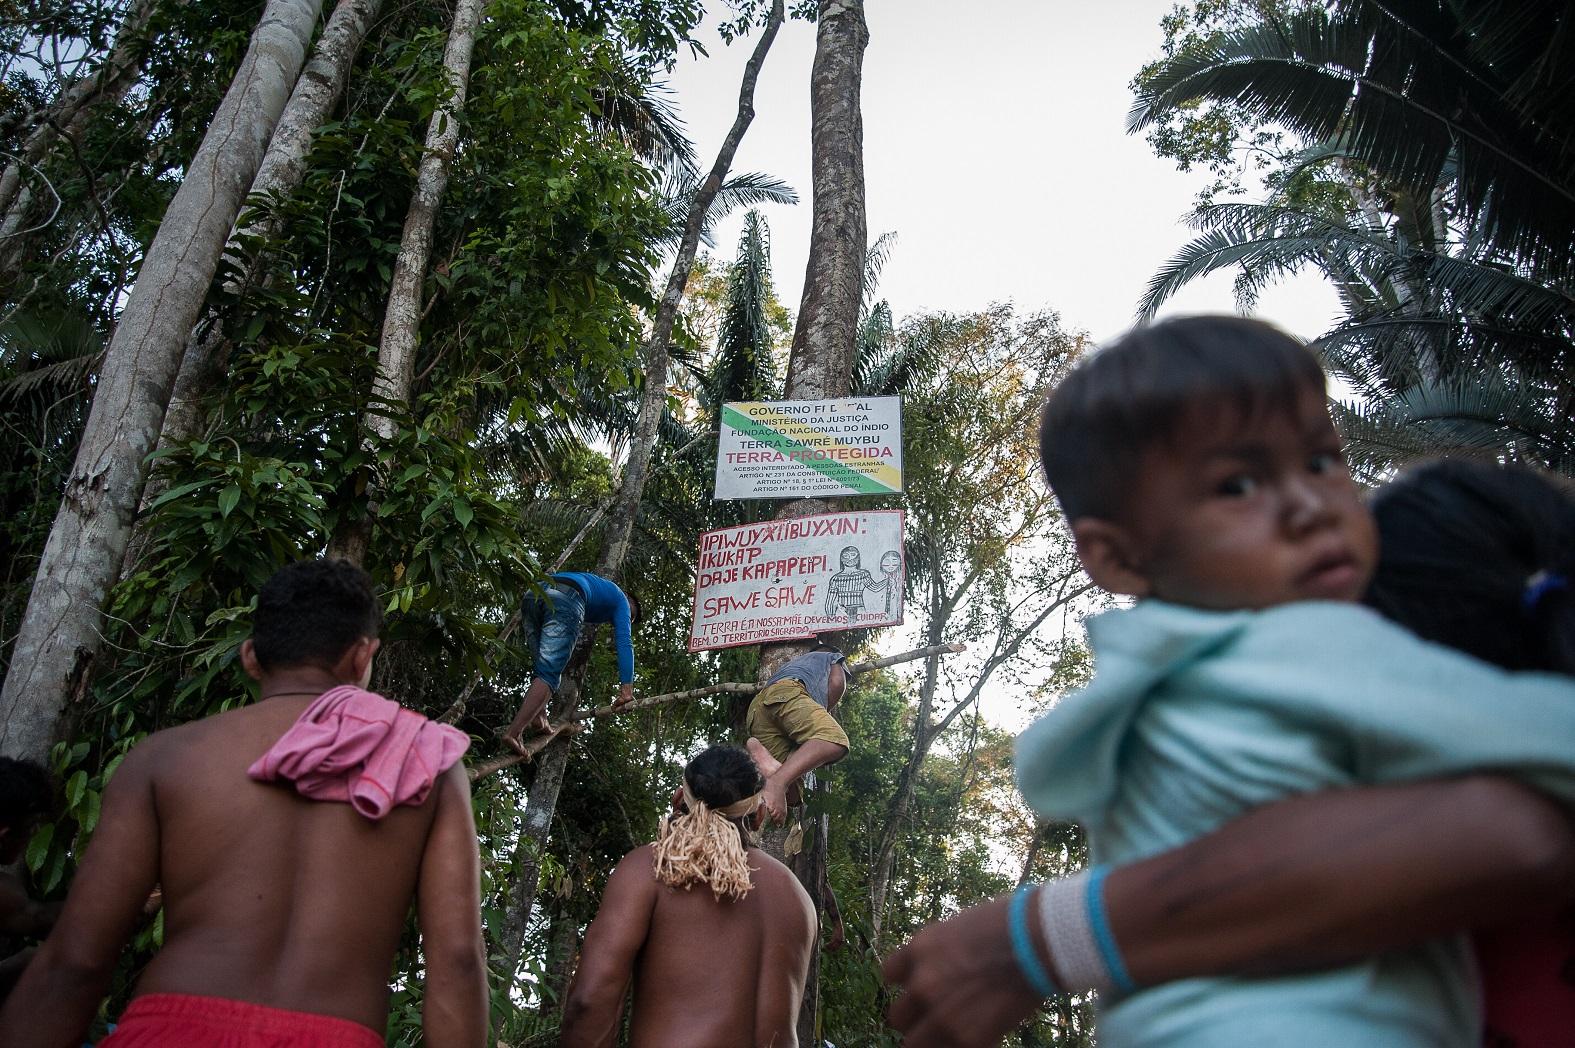 Indígenas colocam as placas indicativas de terras protegidas e demarcadas na região do rio Jamanxim, conhecido ponto de intensa atividade madeireira e garimpeira no estado do Pará.Foto Anderson Barbosa